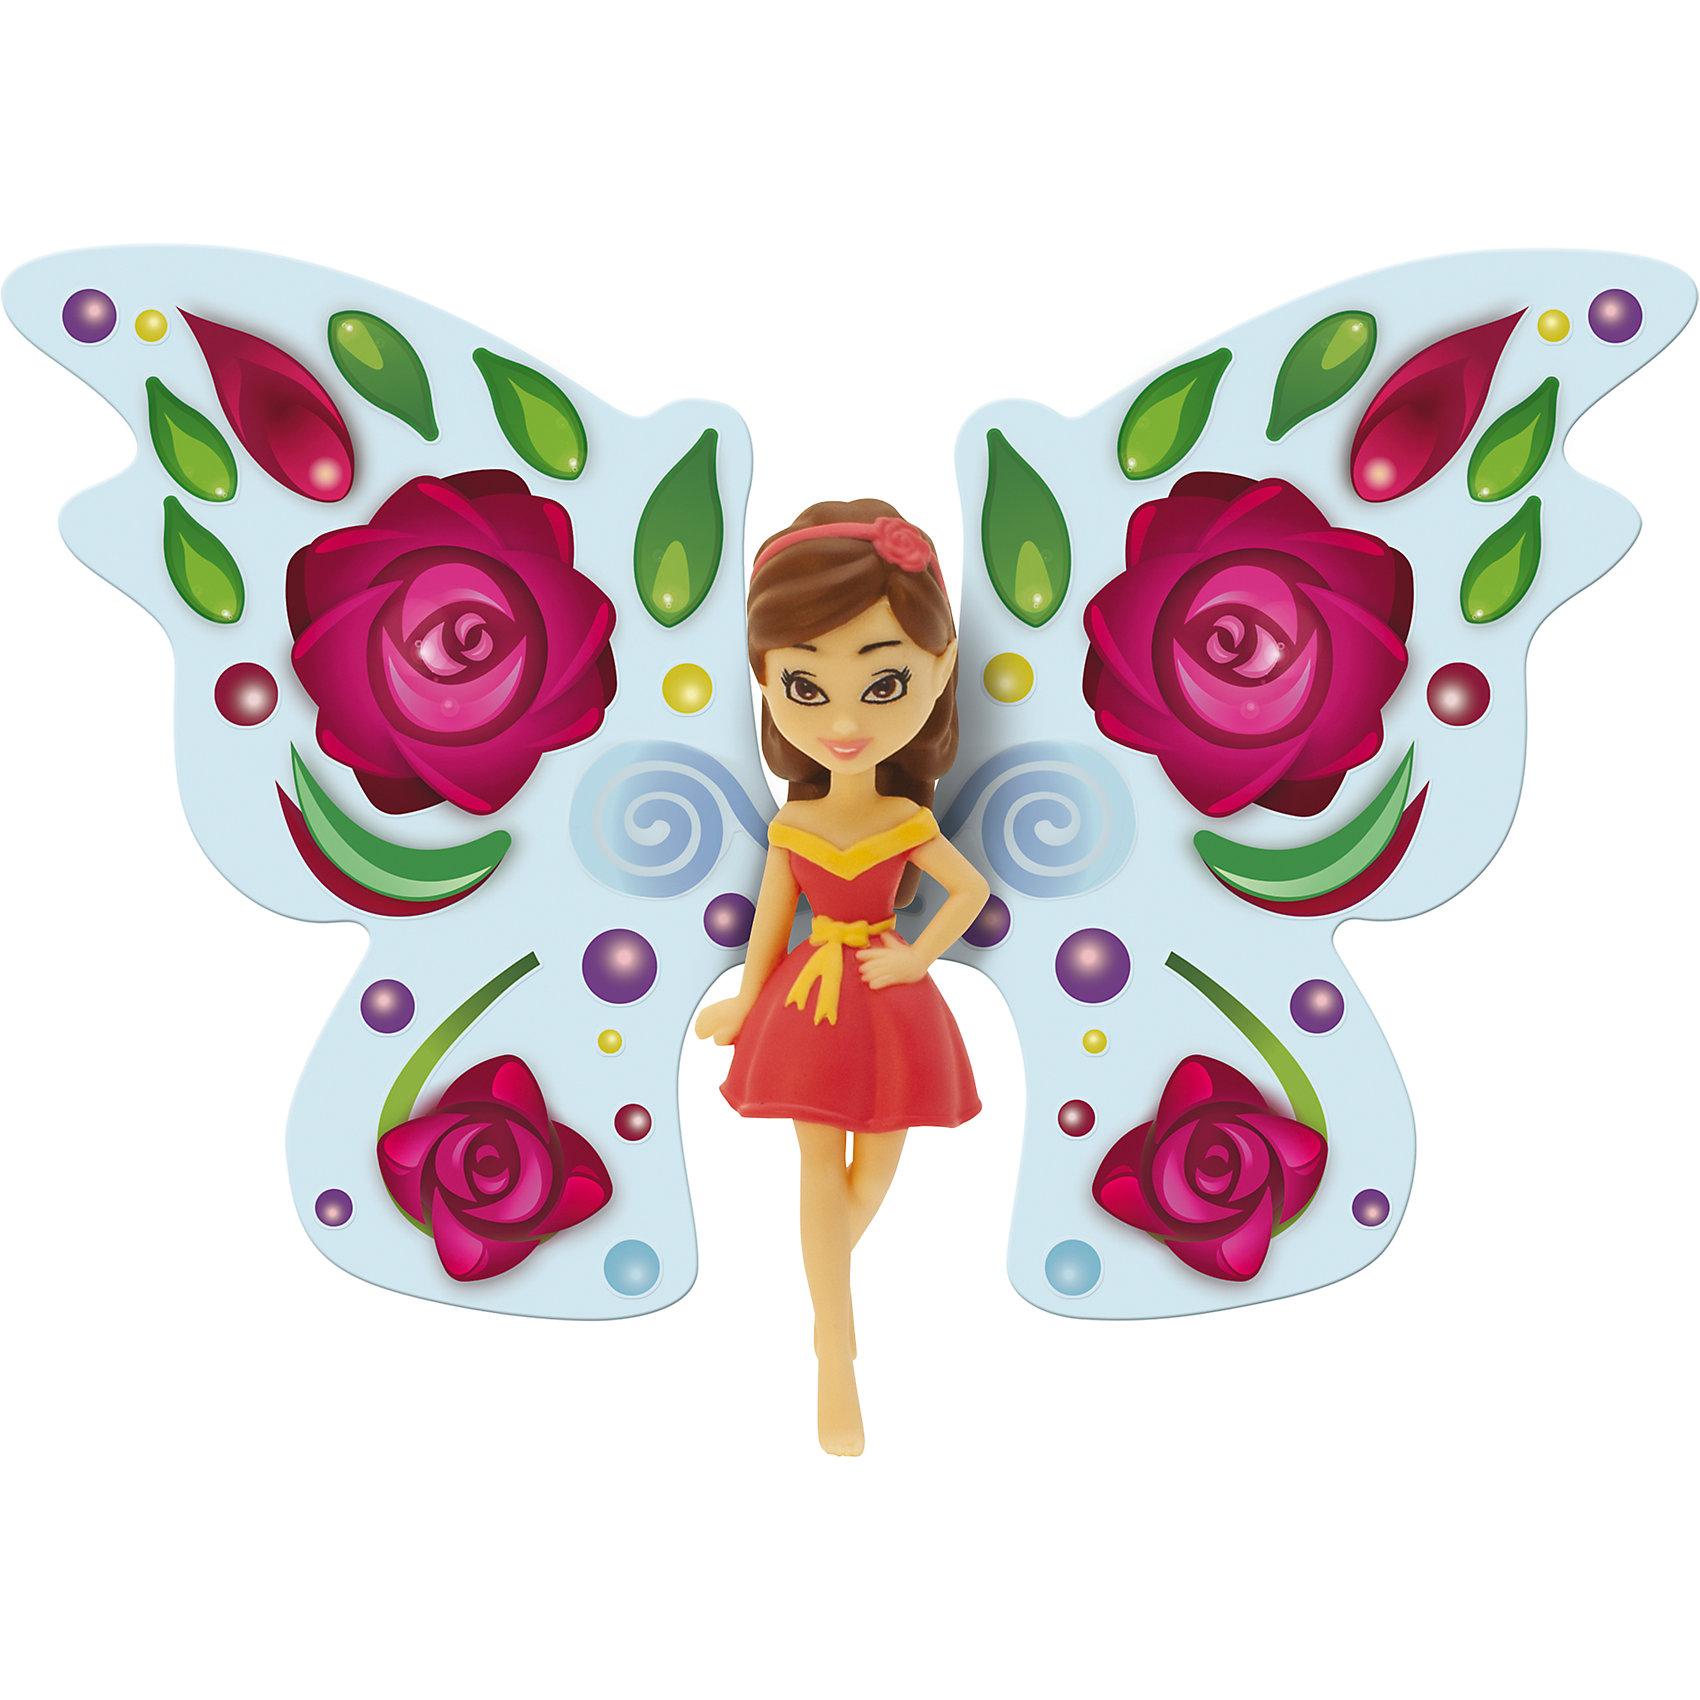 Игровой набор Волшебная дверь, Shimmer WingСобирай фей и питомцев, декорируй им крылья различными способами, и любуйся!<br>Волшебная дверь, эксклюзивная фея, крылья, надор для декорирования<br><br>Ширина мм: 110<br>Глубина мм: 270<br>Высота мм: 210<br>Вес г: 562<br>Возраст от месяцев: 60<br>Возраст до месяцев: 2147483647<br>Пол: Женский<br>Возраст: Детский<br>SKU: 5478835